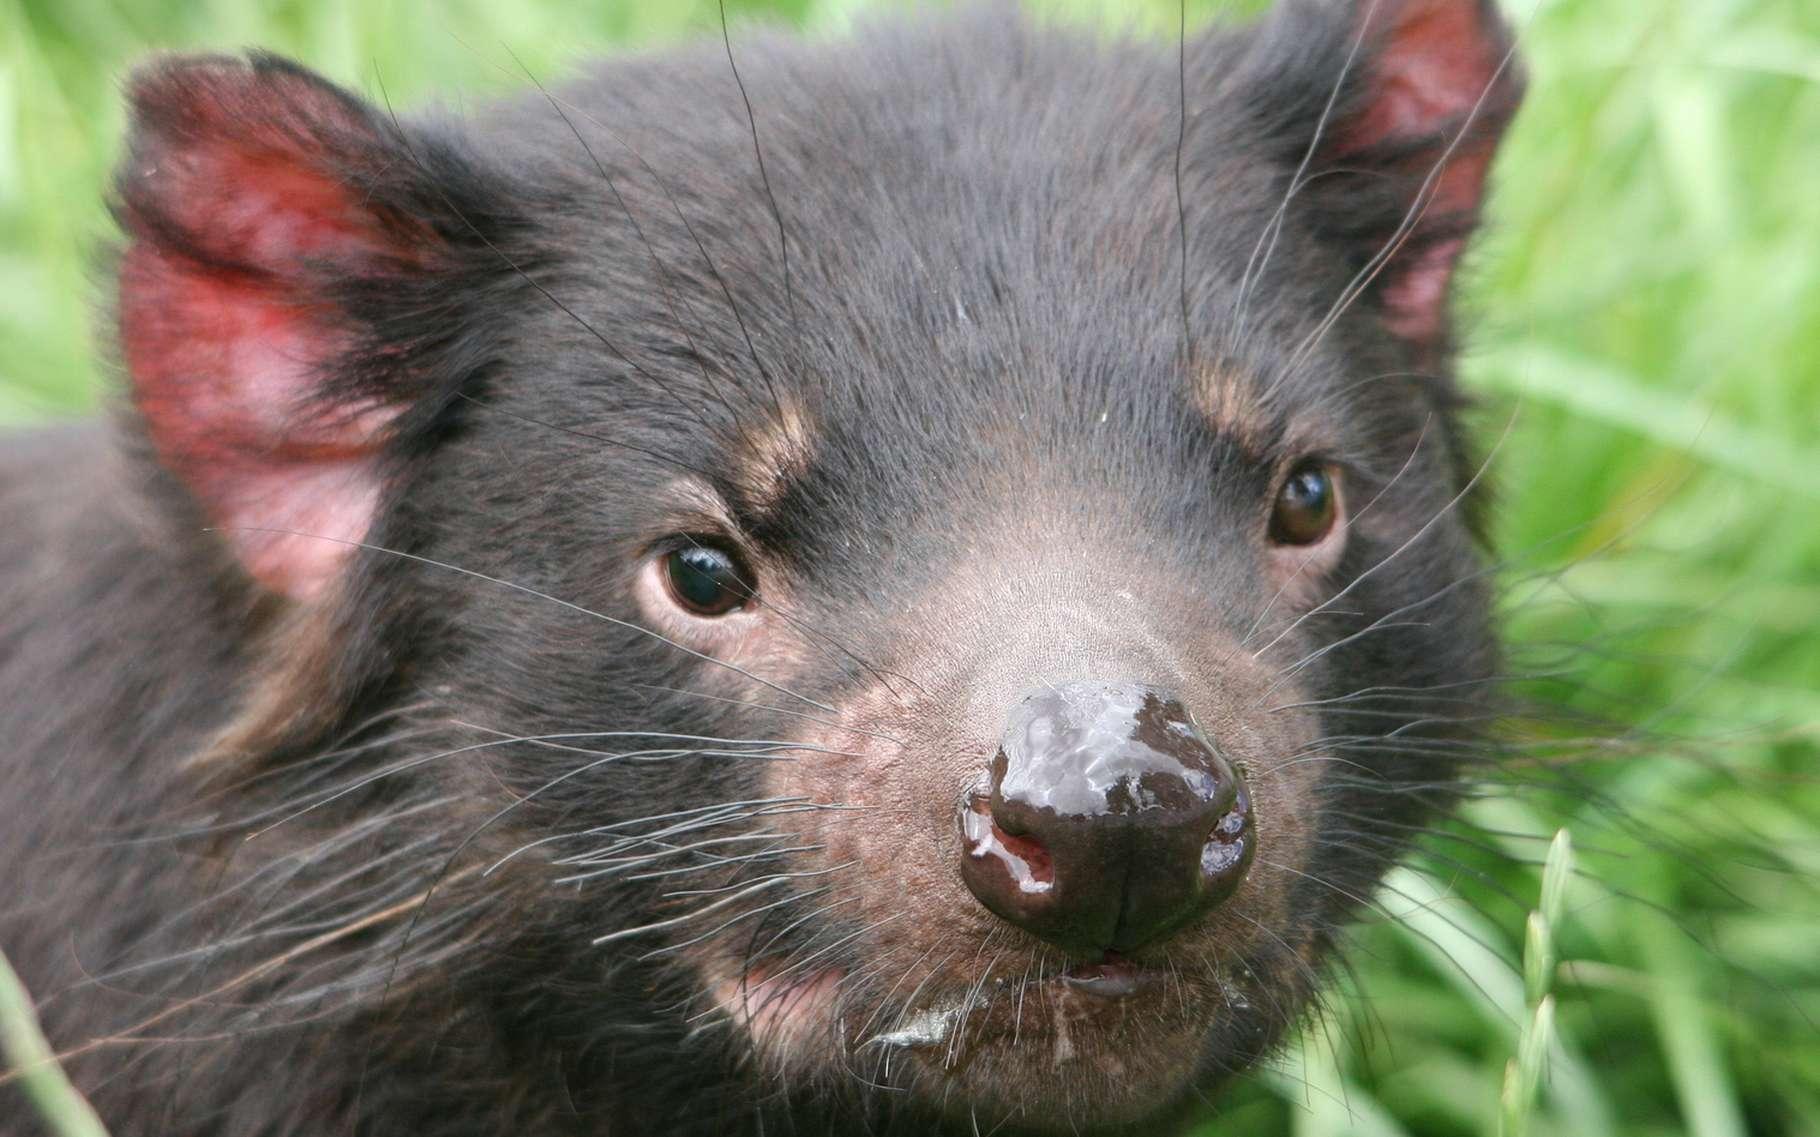 Le diable de Tasmanie est aussi appelé sarcophile, « qui aime les cadavres ». © Tim Ezzy, Shutterstock